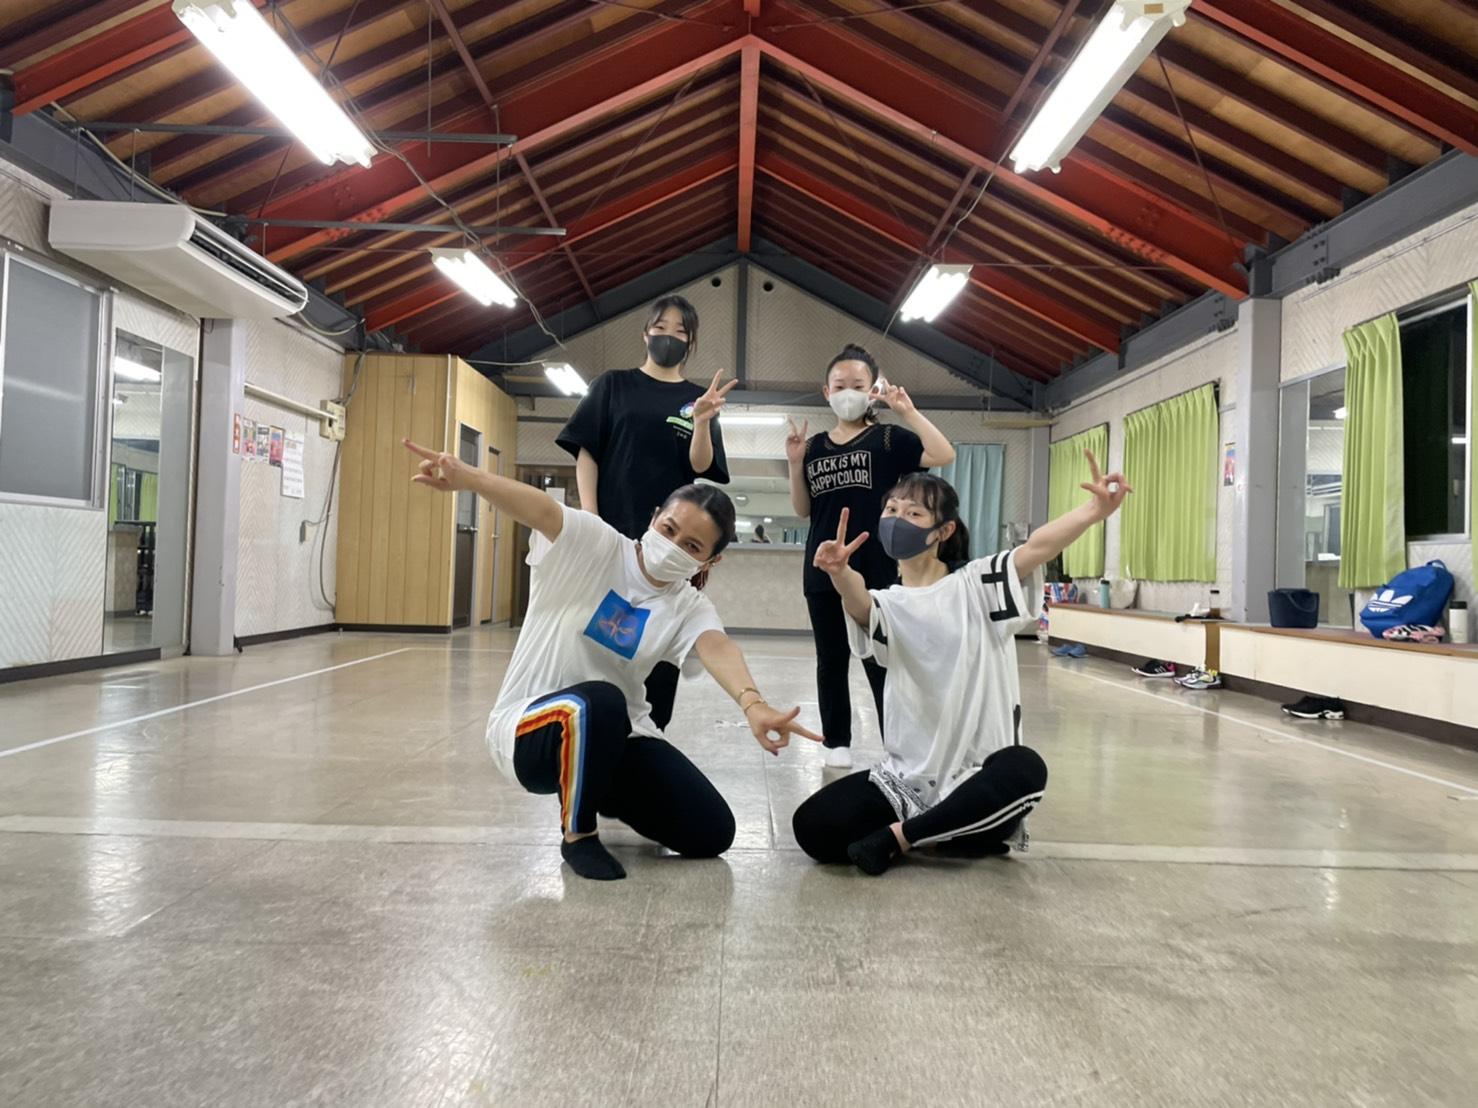 DANCESTUDIOACE